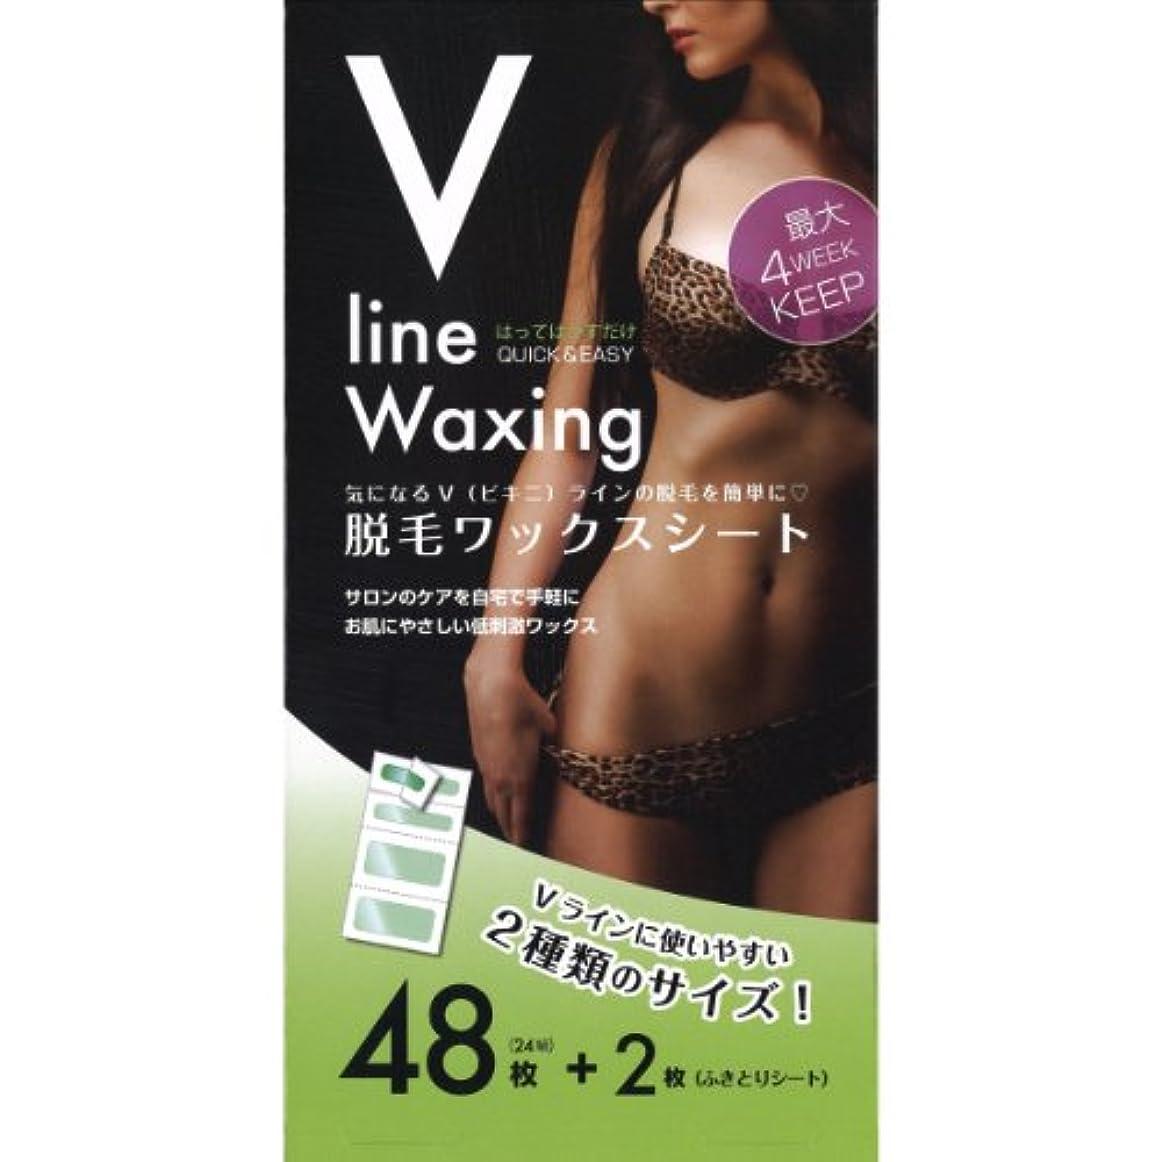 秘密のダース溶ける気になるVラインの脱毛を簡単に Vライン Waxing